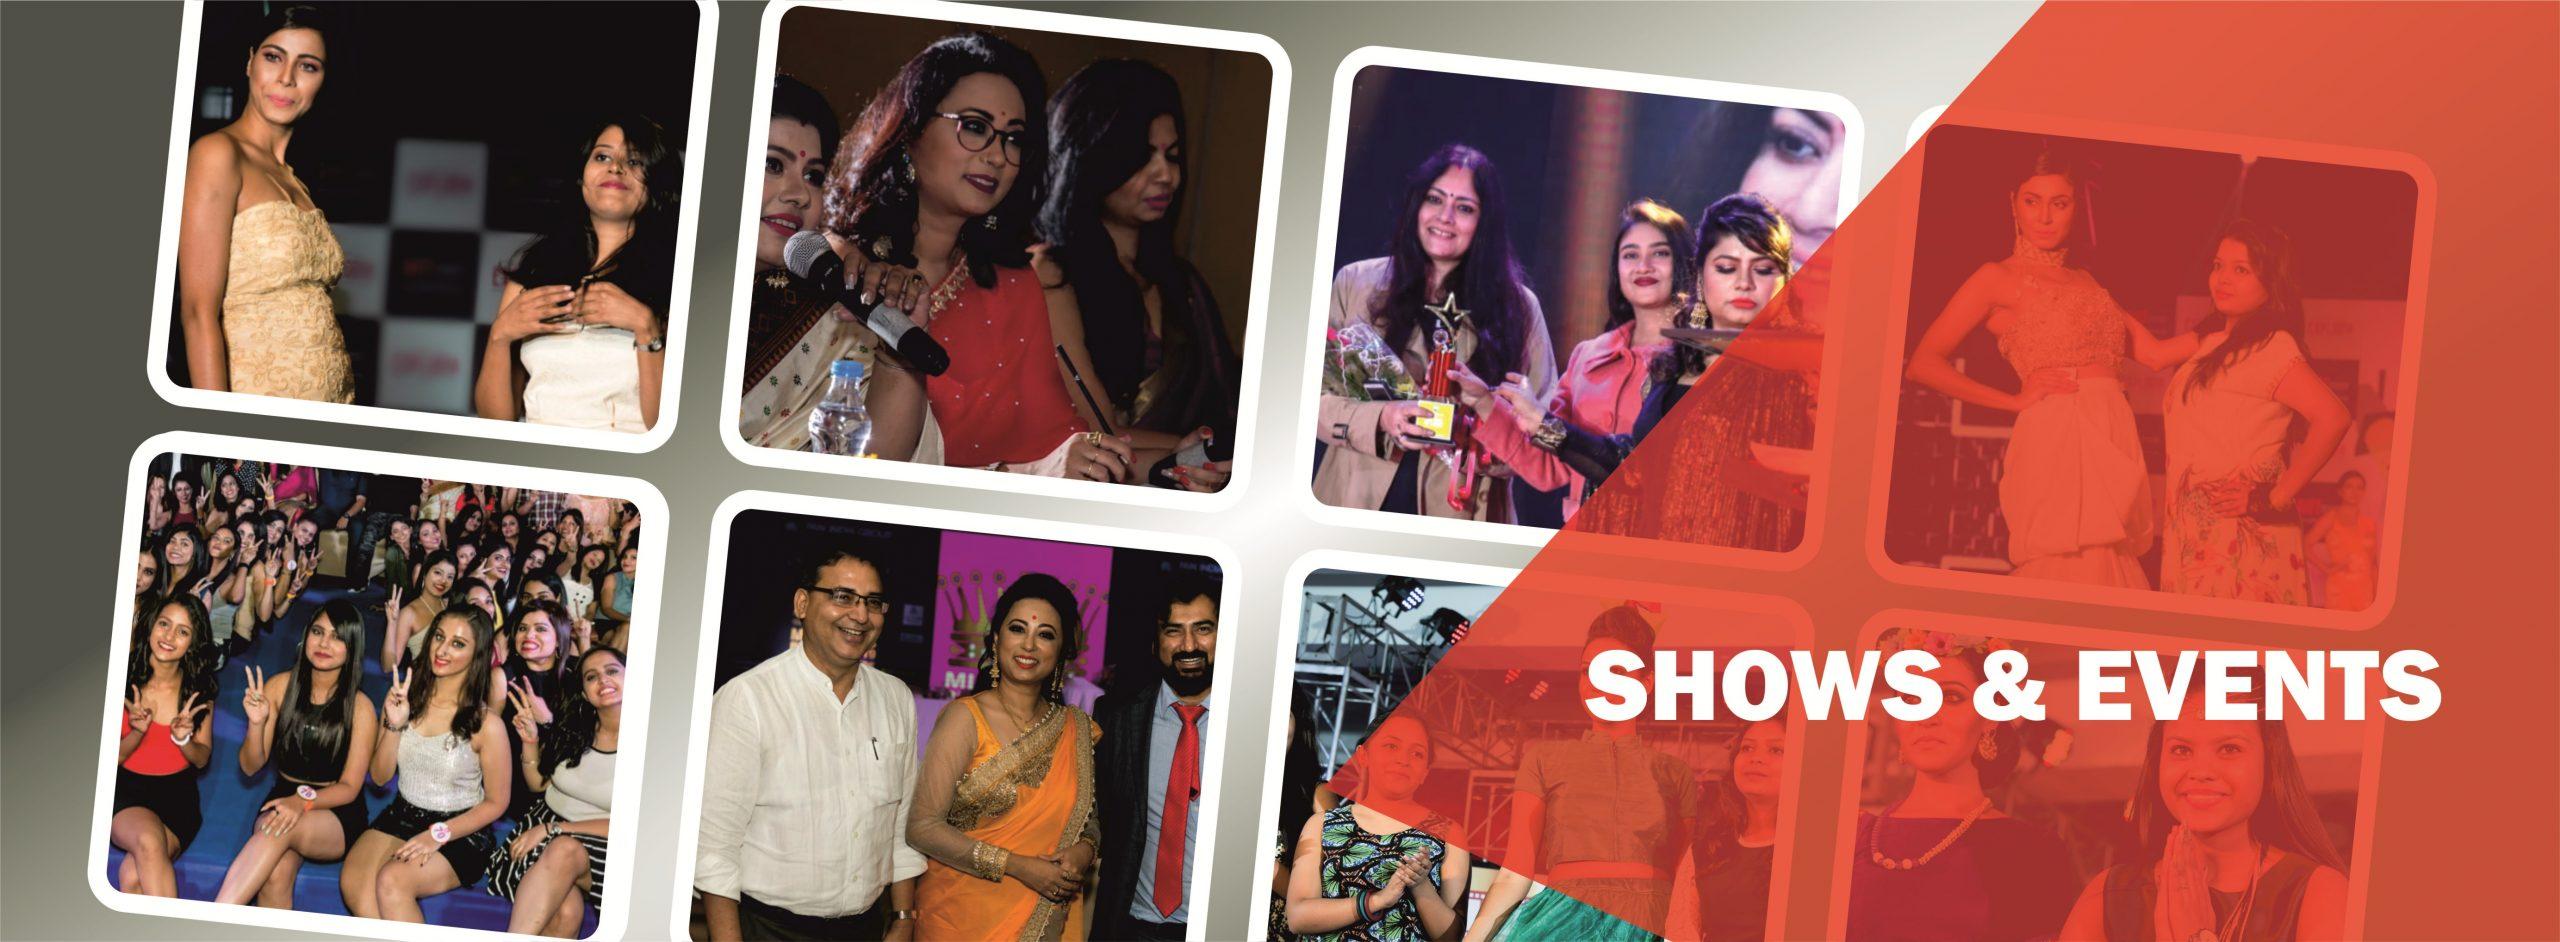 INIFT fashion shows and evemts in kolkata